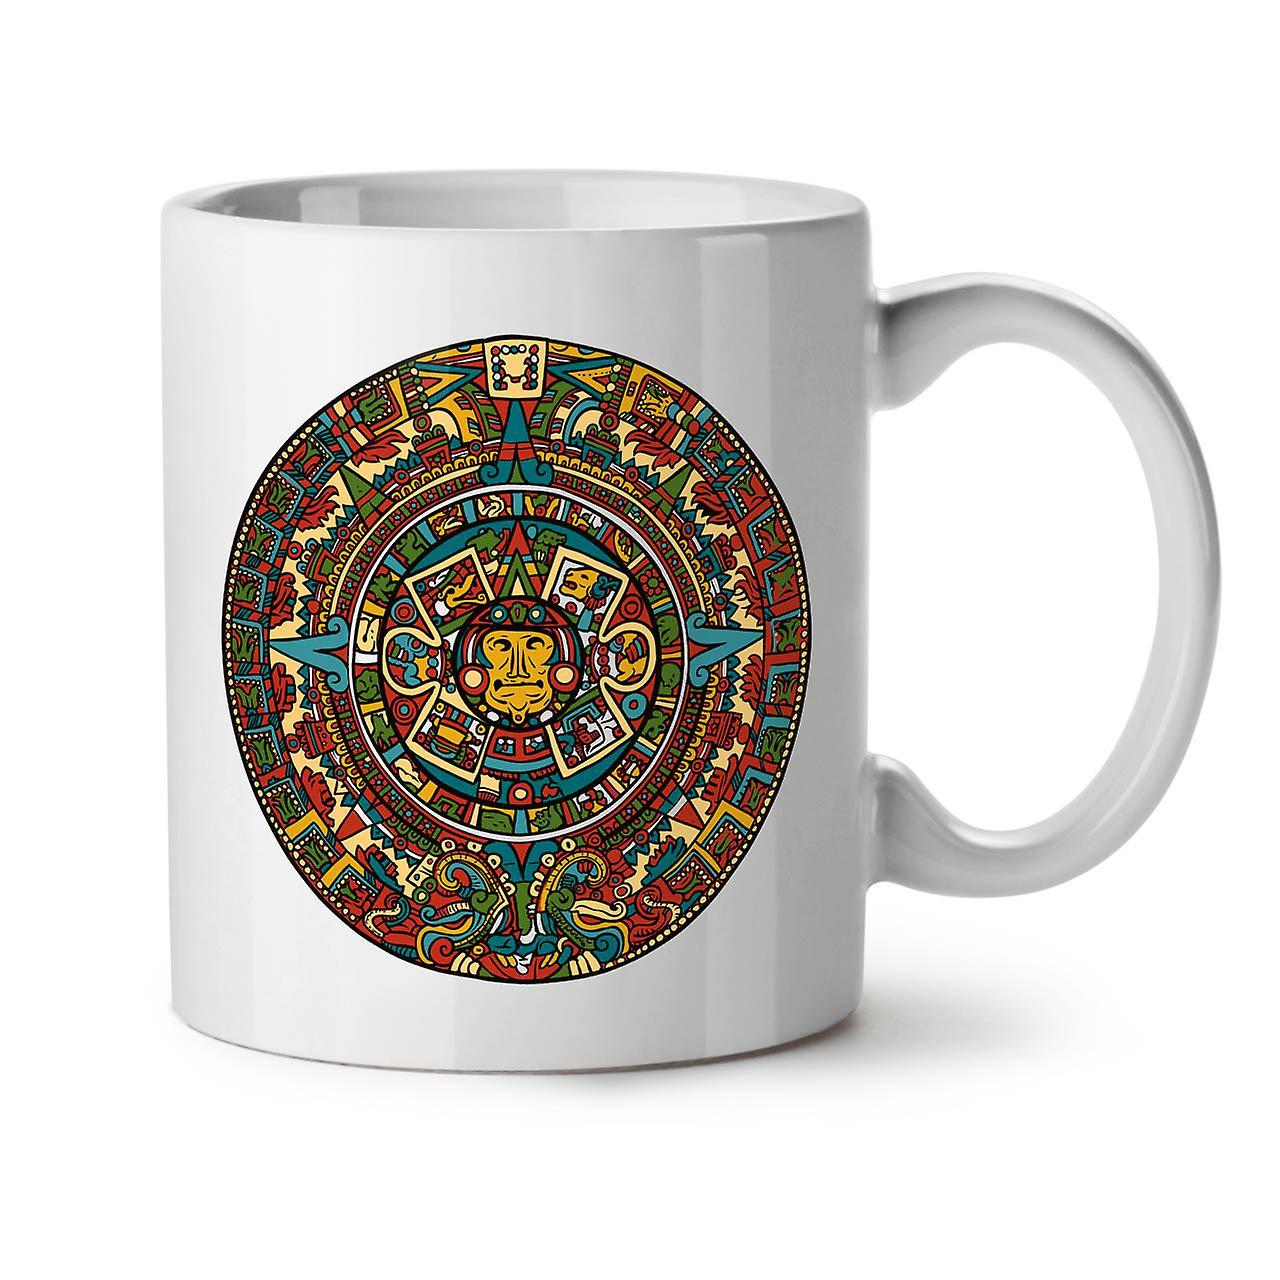 Aztec Traditionnel Céramique Tasse Thé OzWellcoda Nouveau Café Blanc 11 fy6vgYb7